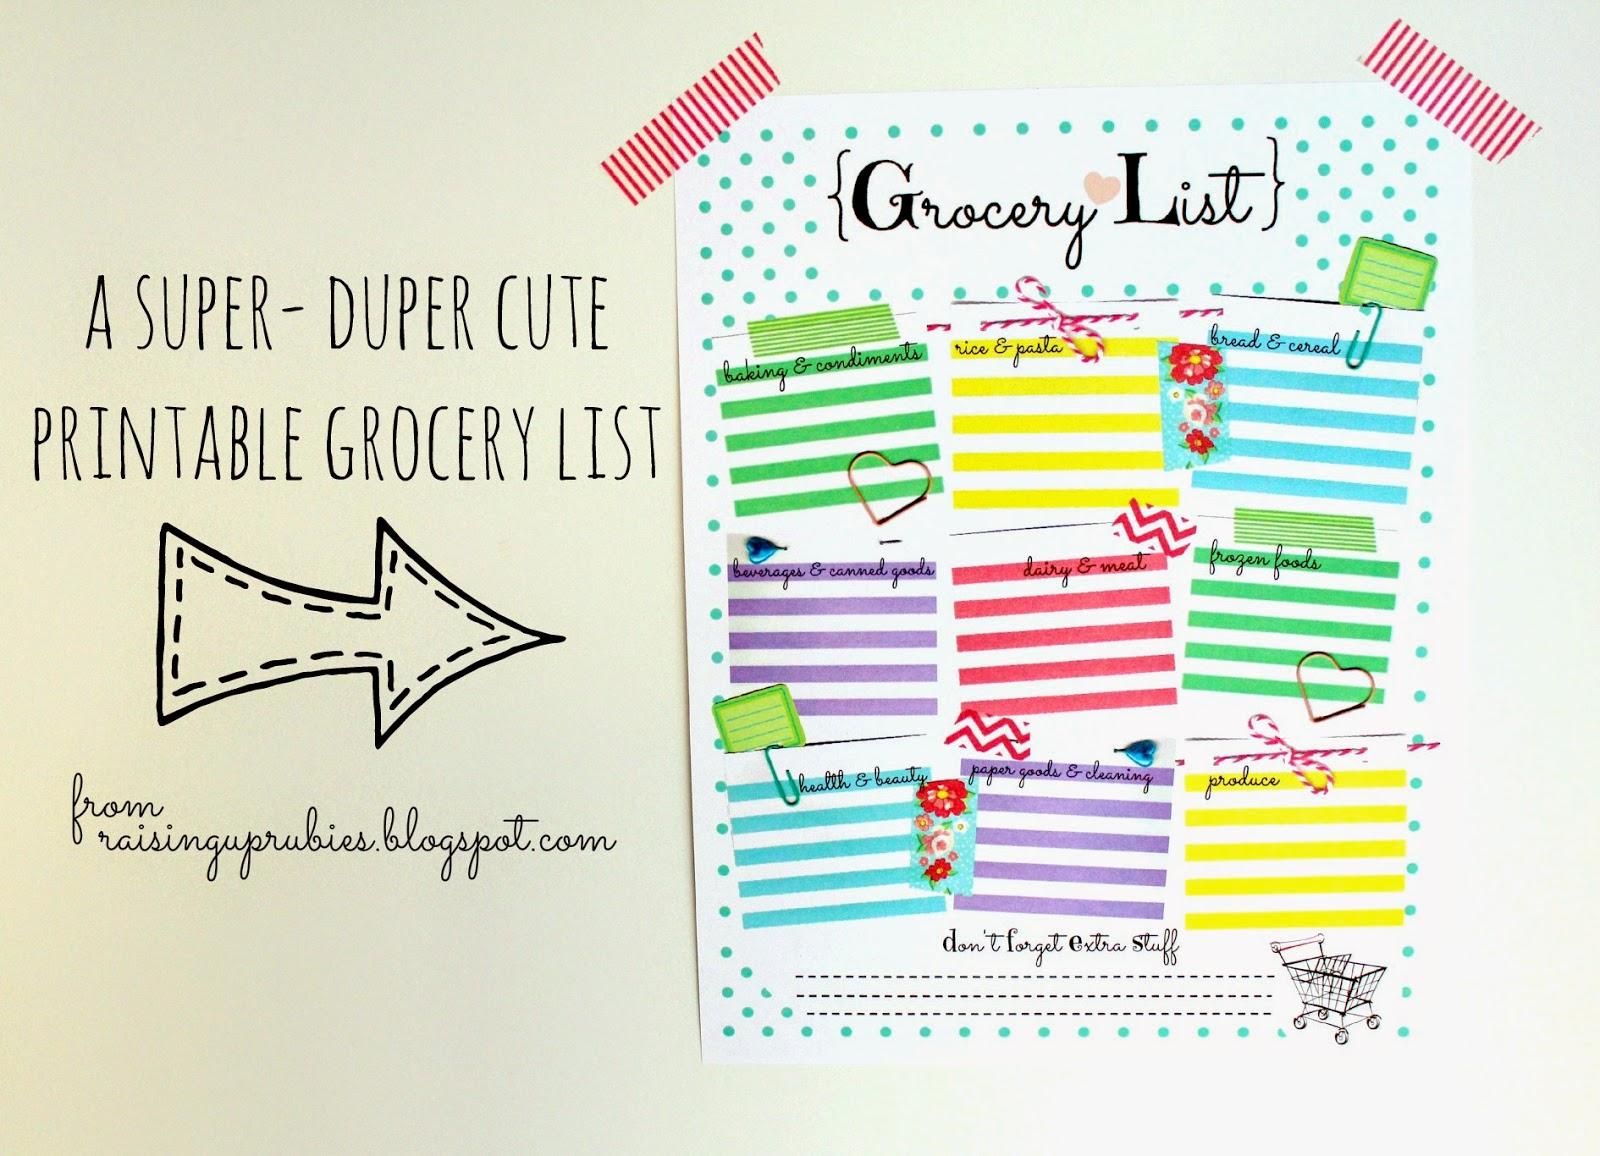 printable grocery list template – Free Printable Grocery List Template